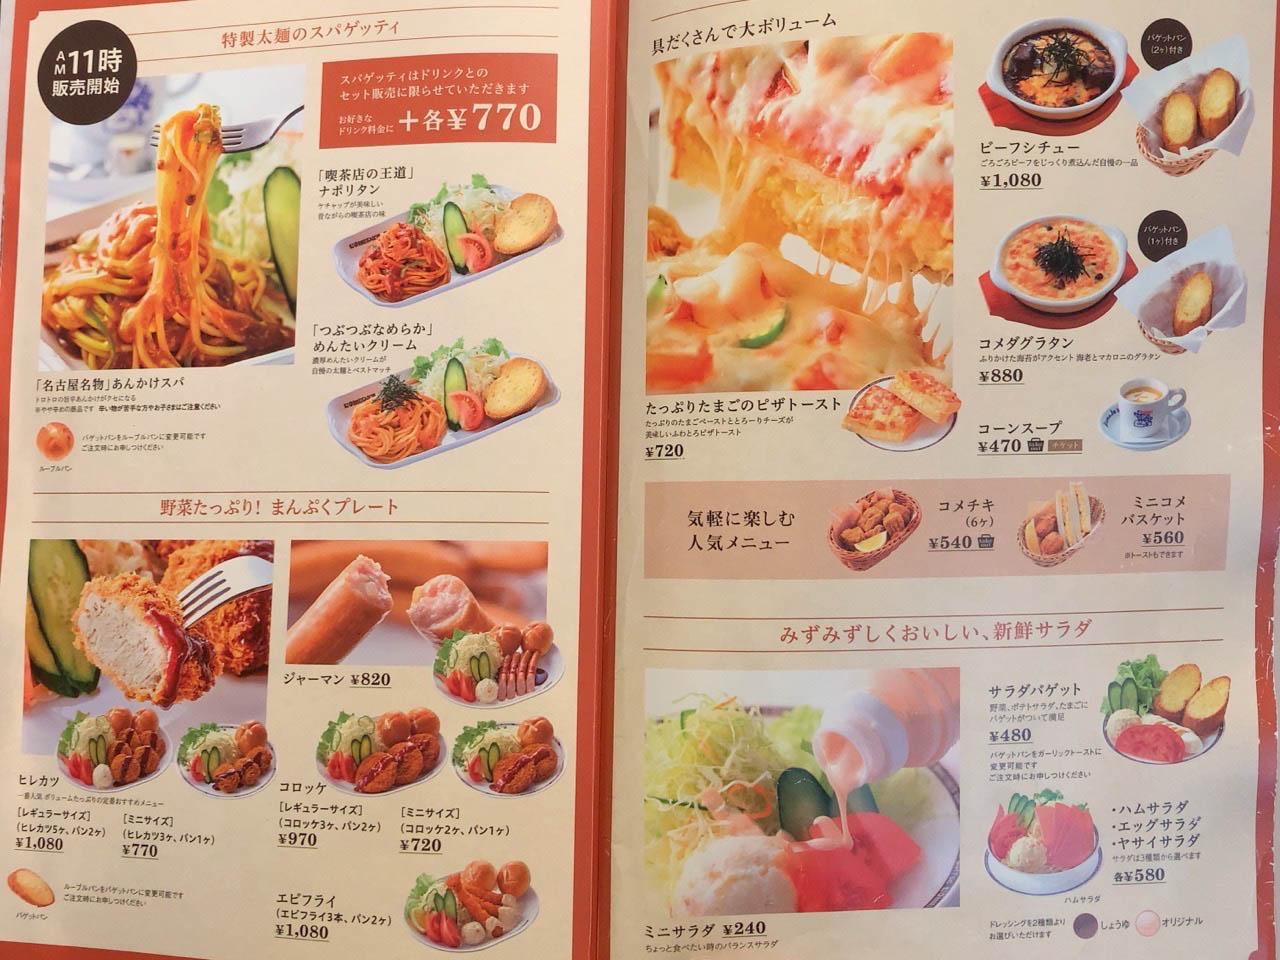 コメダ珈琲店 松戸伊勢丹通店のメニュー